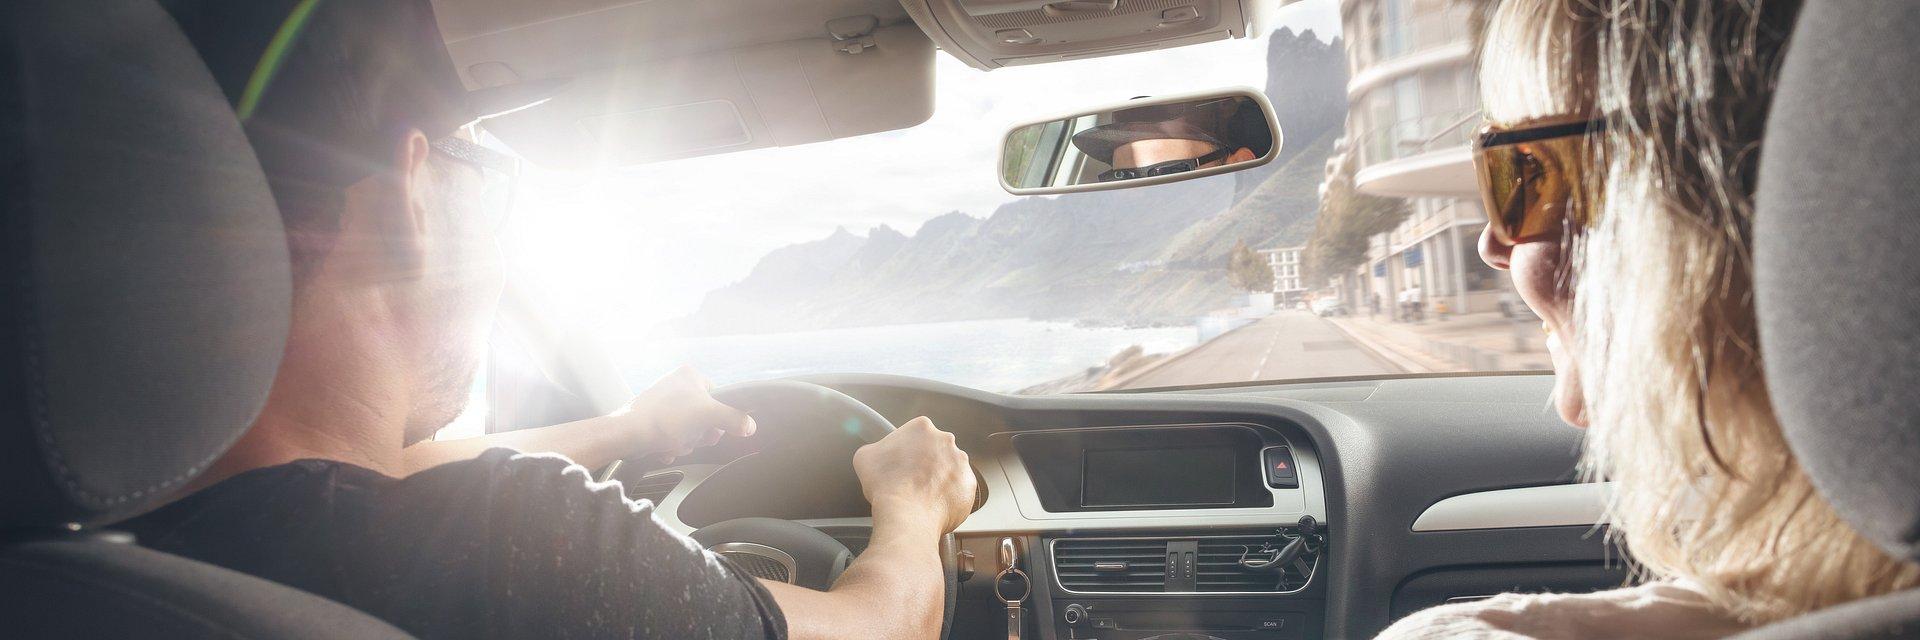 Nawigacja z głosem bliskiej osoby zmniejszy ryzyko wypadku. W walentynki i nie tylko.